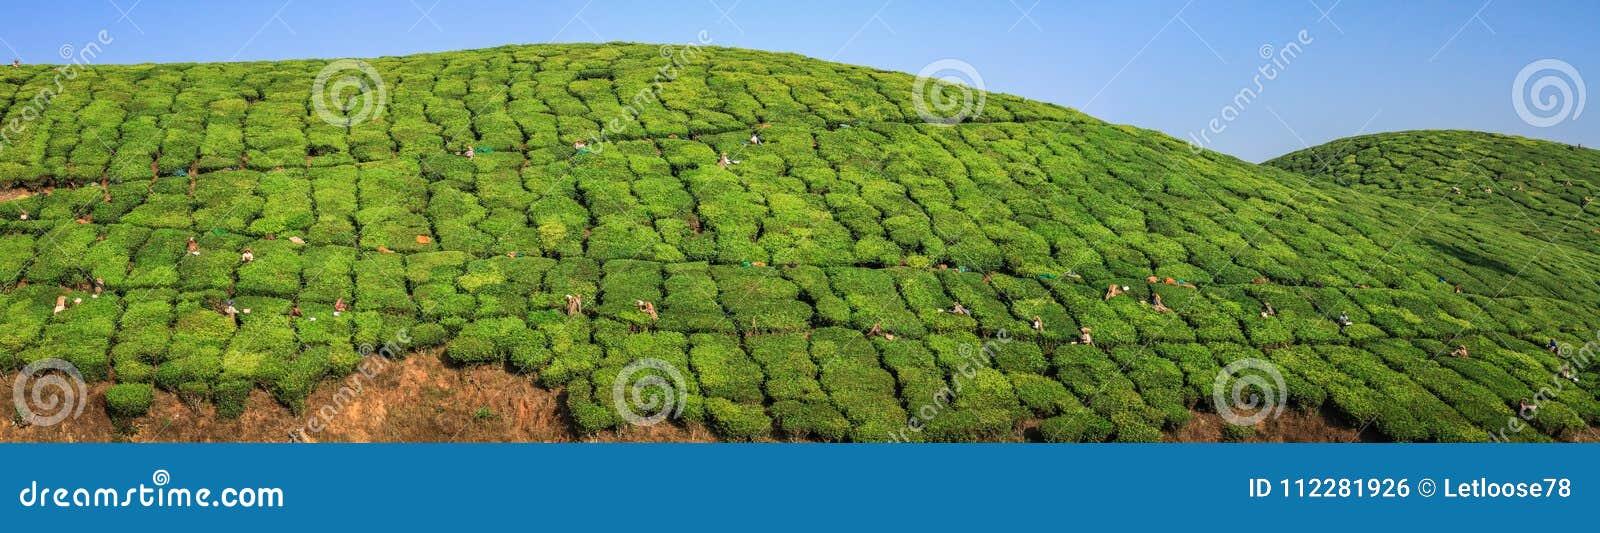 Vista panorâmica nos trabalhadores do chá que colhem o chá nos montes e nas montanhas luxúrias verdes da plantação de chá em torn